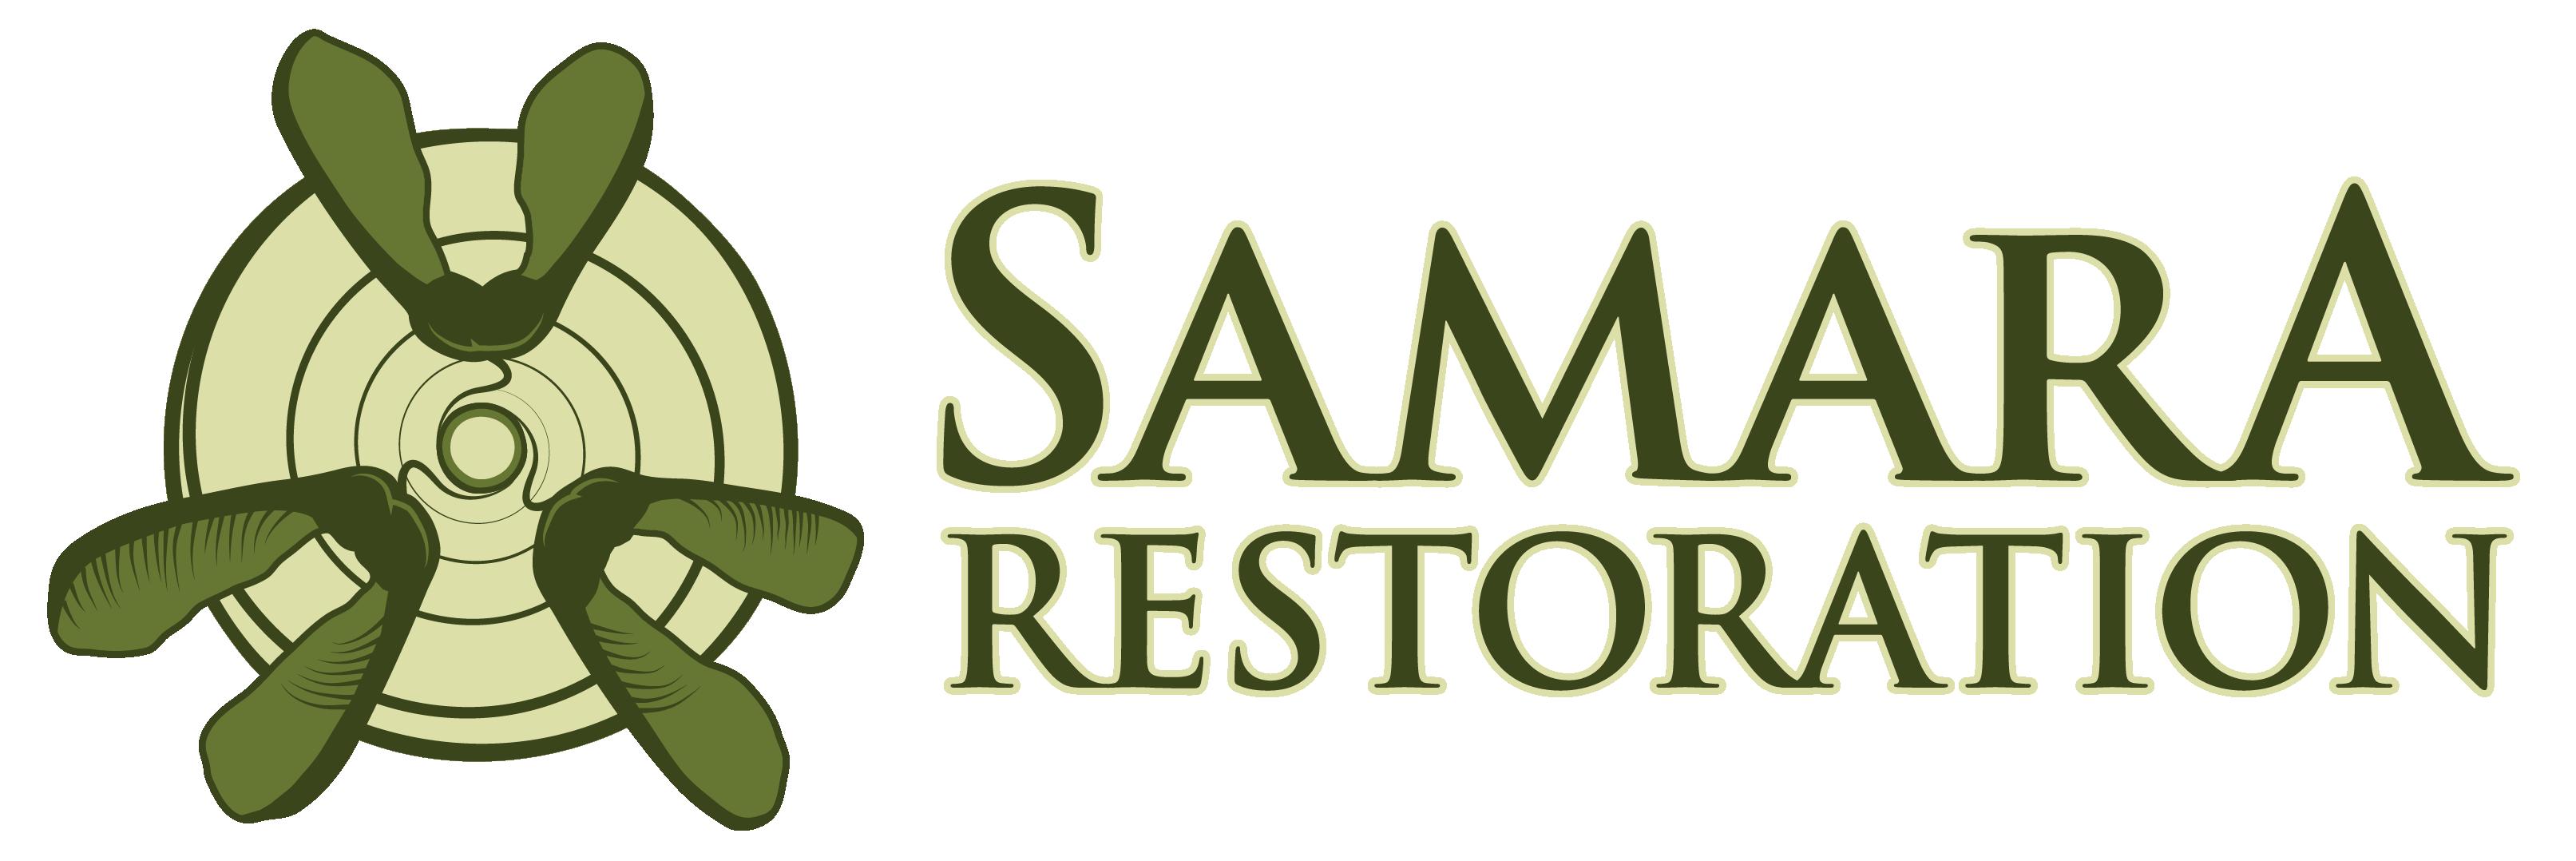 Samara Restoration Logo